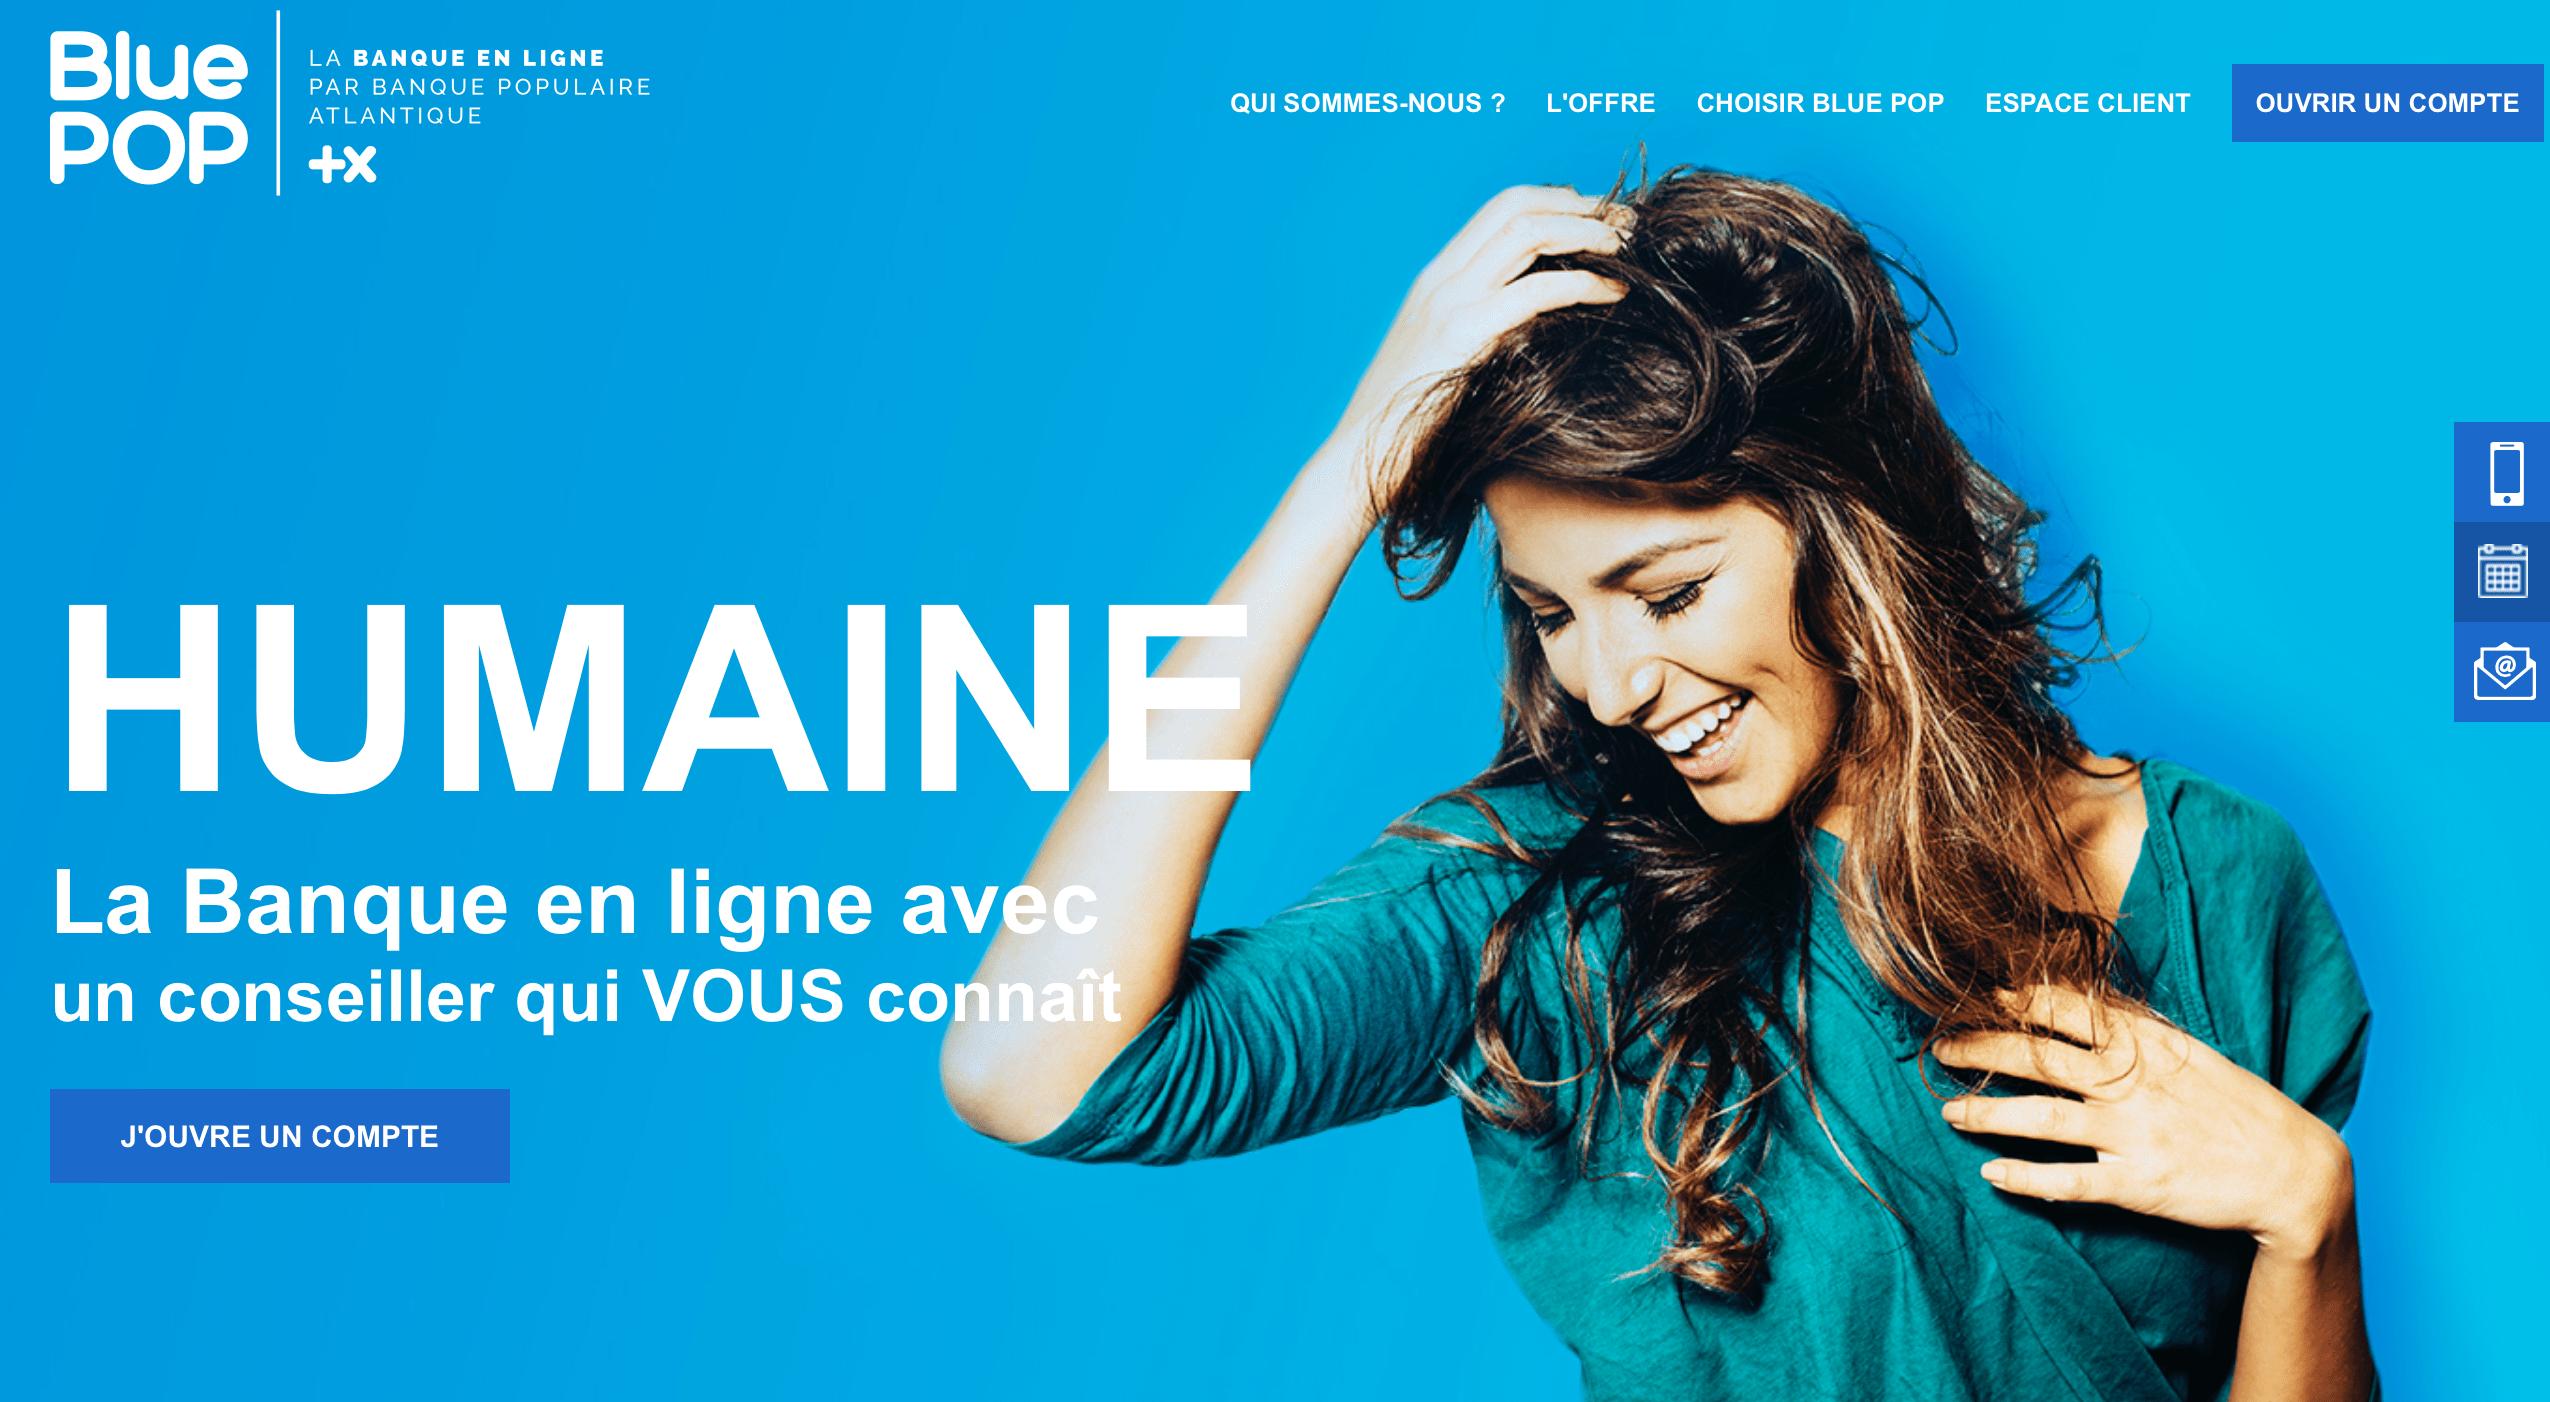 Blue Pop : la banque en ligne de la Banque Populaire Atlantique